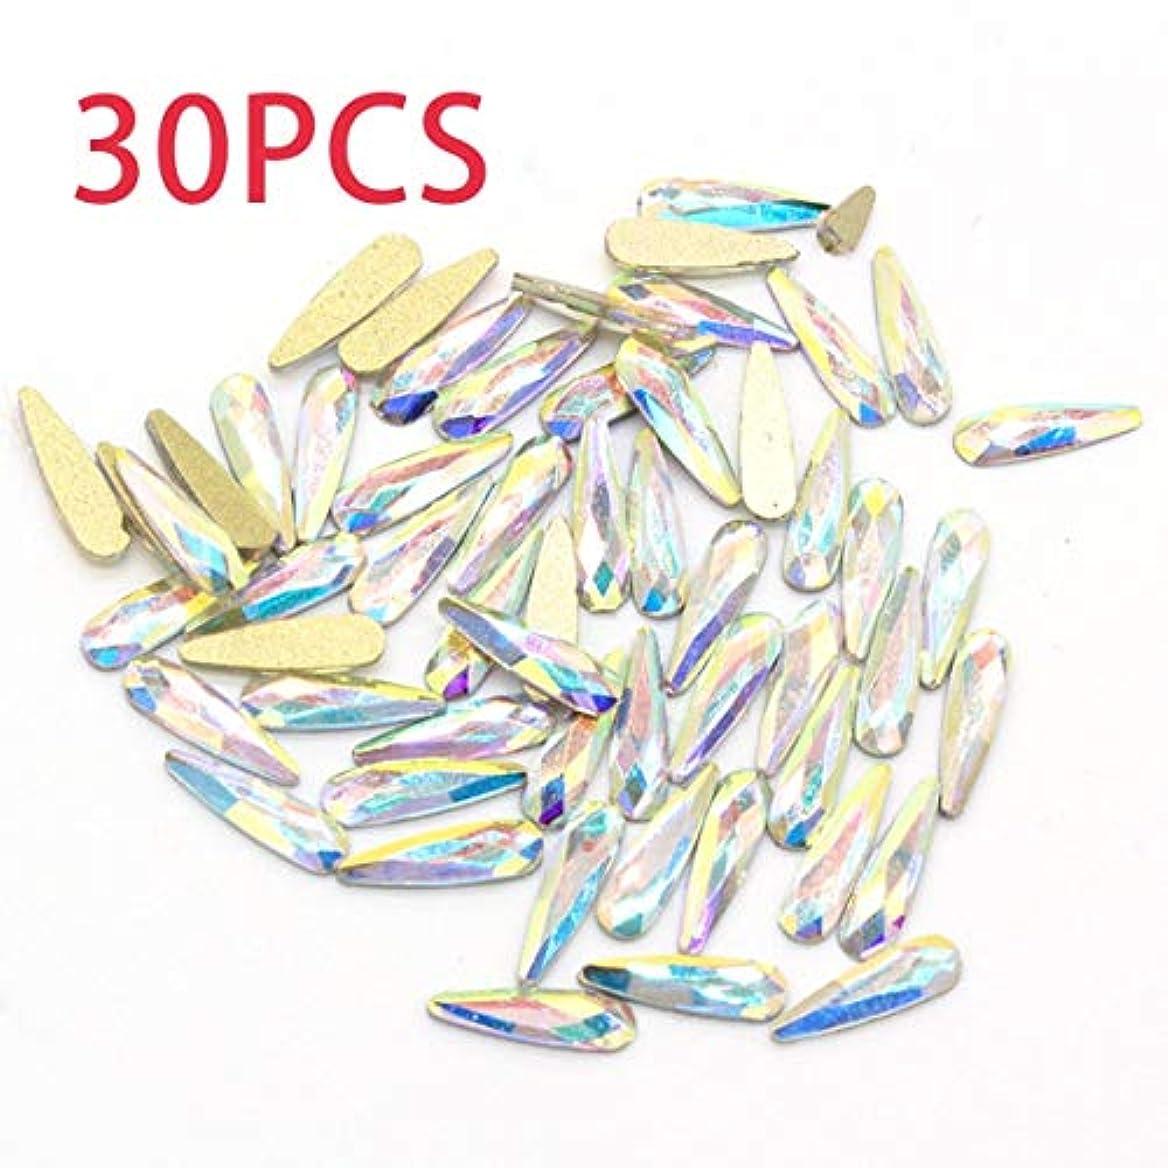 雷雨今ボードBirdlanternネイルクリスタル宝石用釘3Dネイルアートの装飾フラットバックドロップガラスストラスストーンジュエリーABダイヤモンドDIY